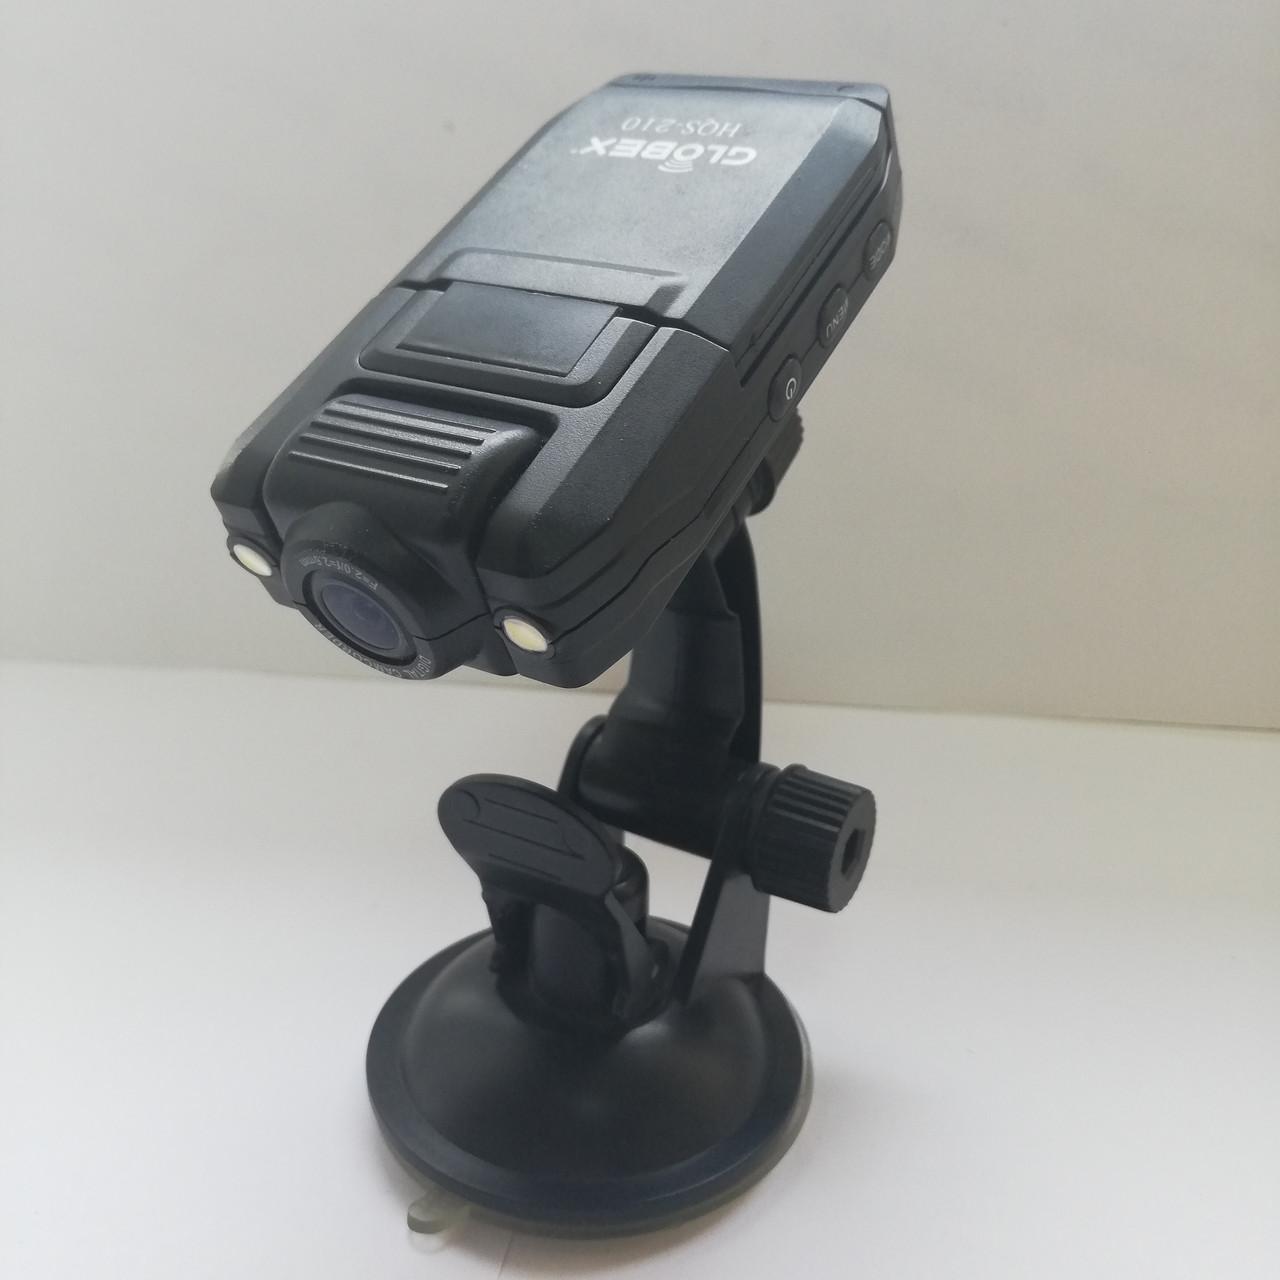 Видеорегистратор Globex HQS-210 Б/У (для ремонта или на запчасти)